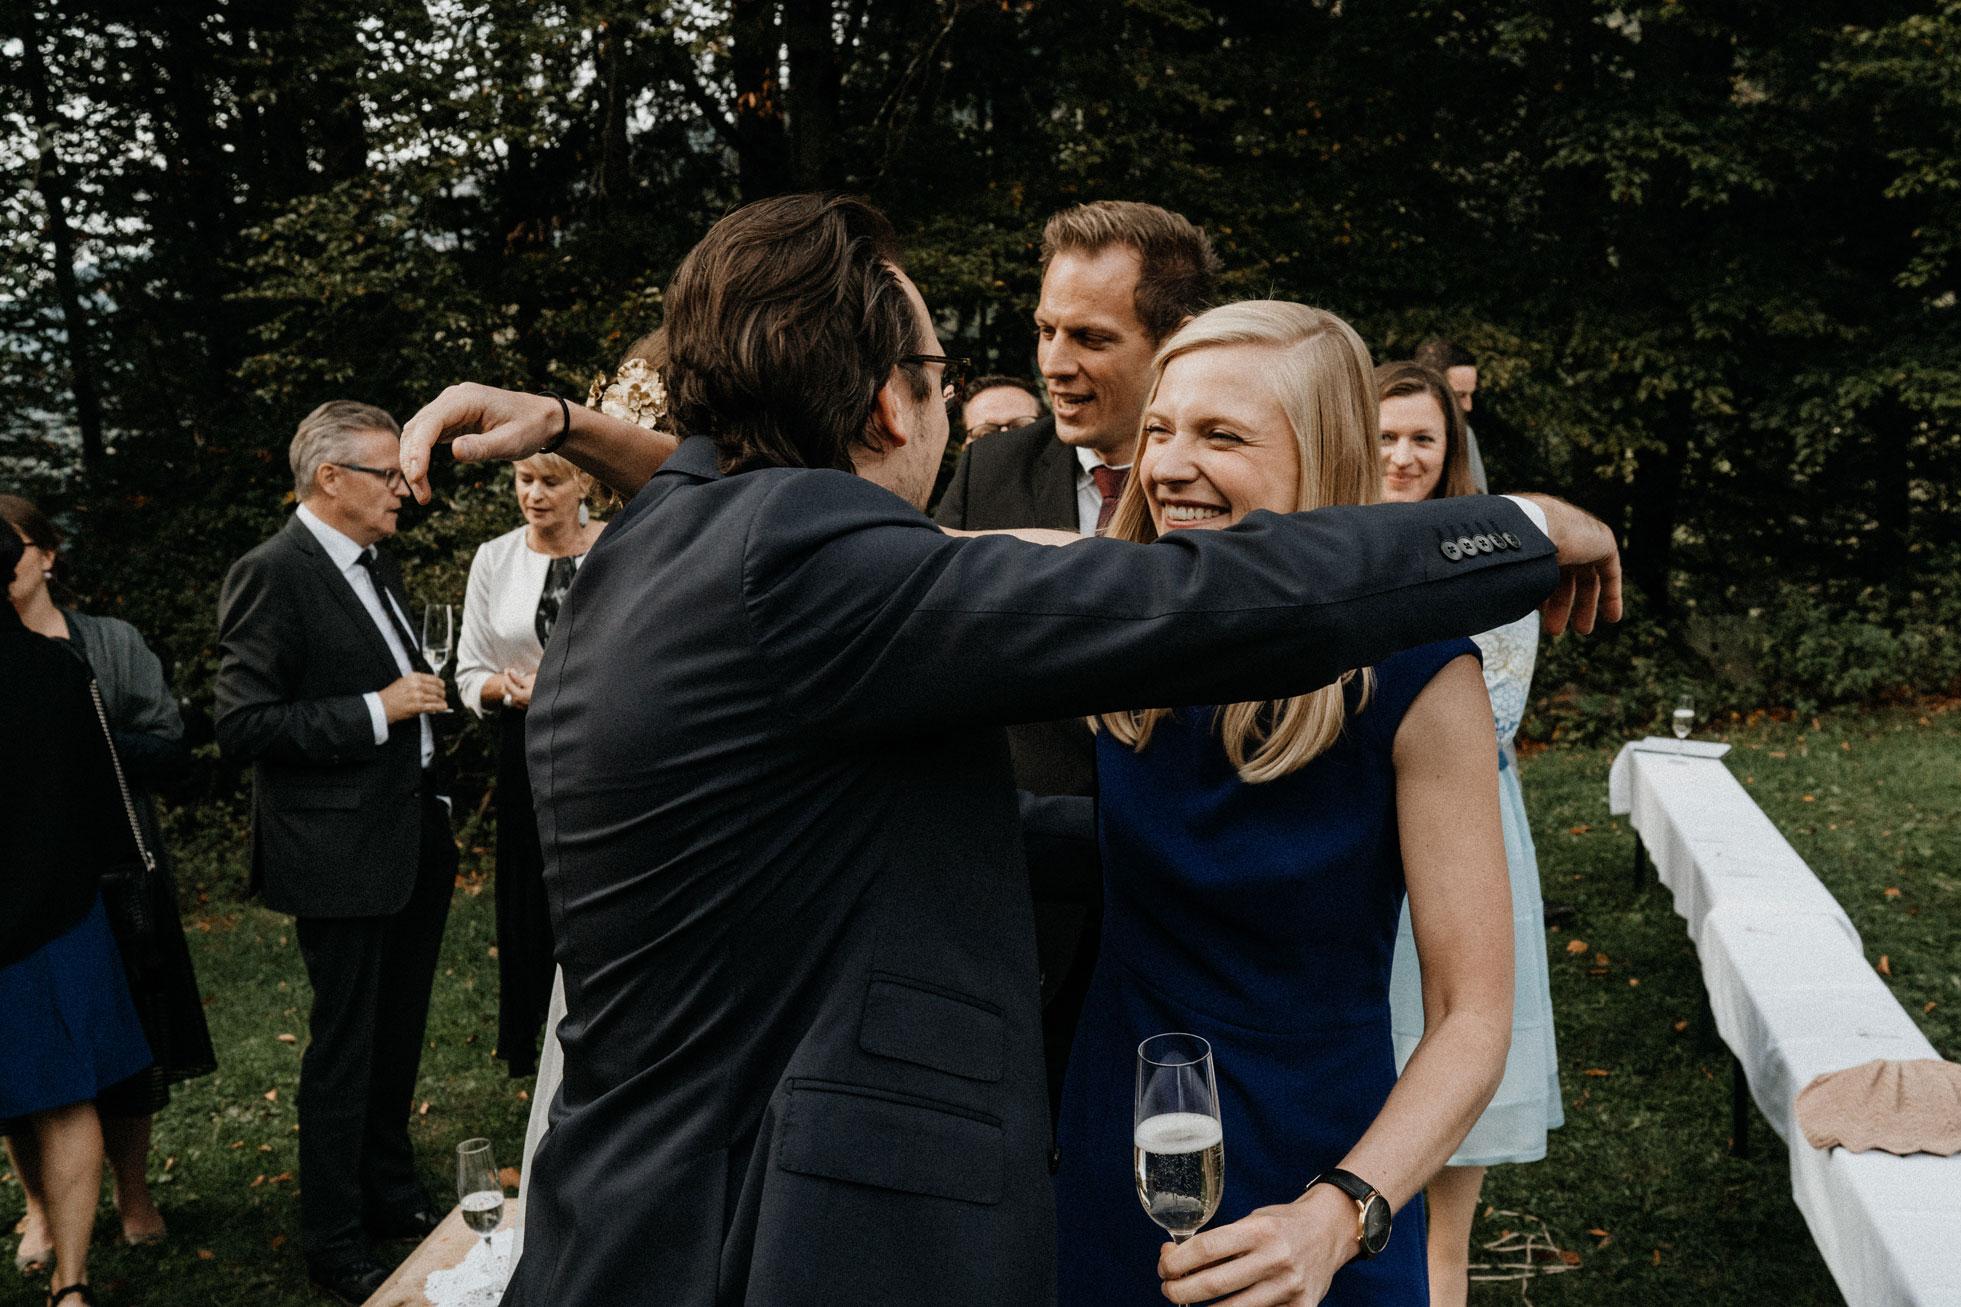 Hochzeit_Claire_Manuel_Villa_Maund_Daniel_Jenny-289.jpg